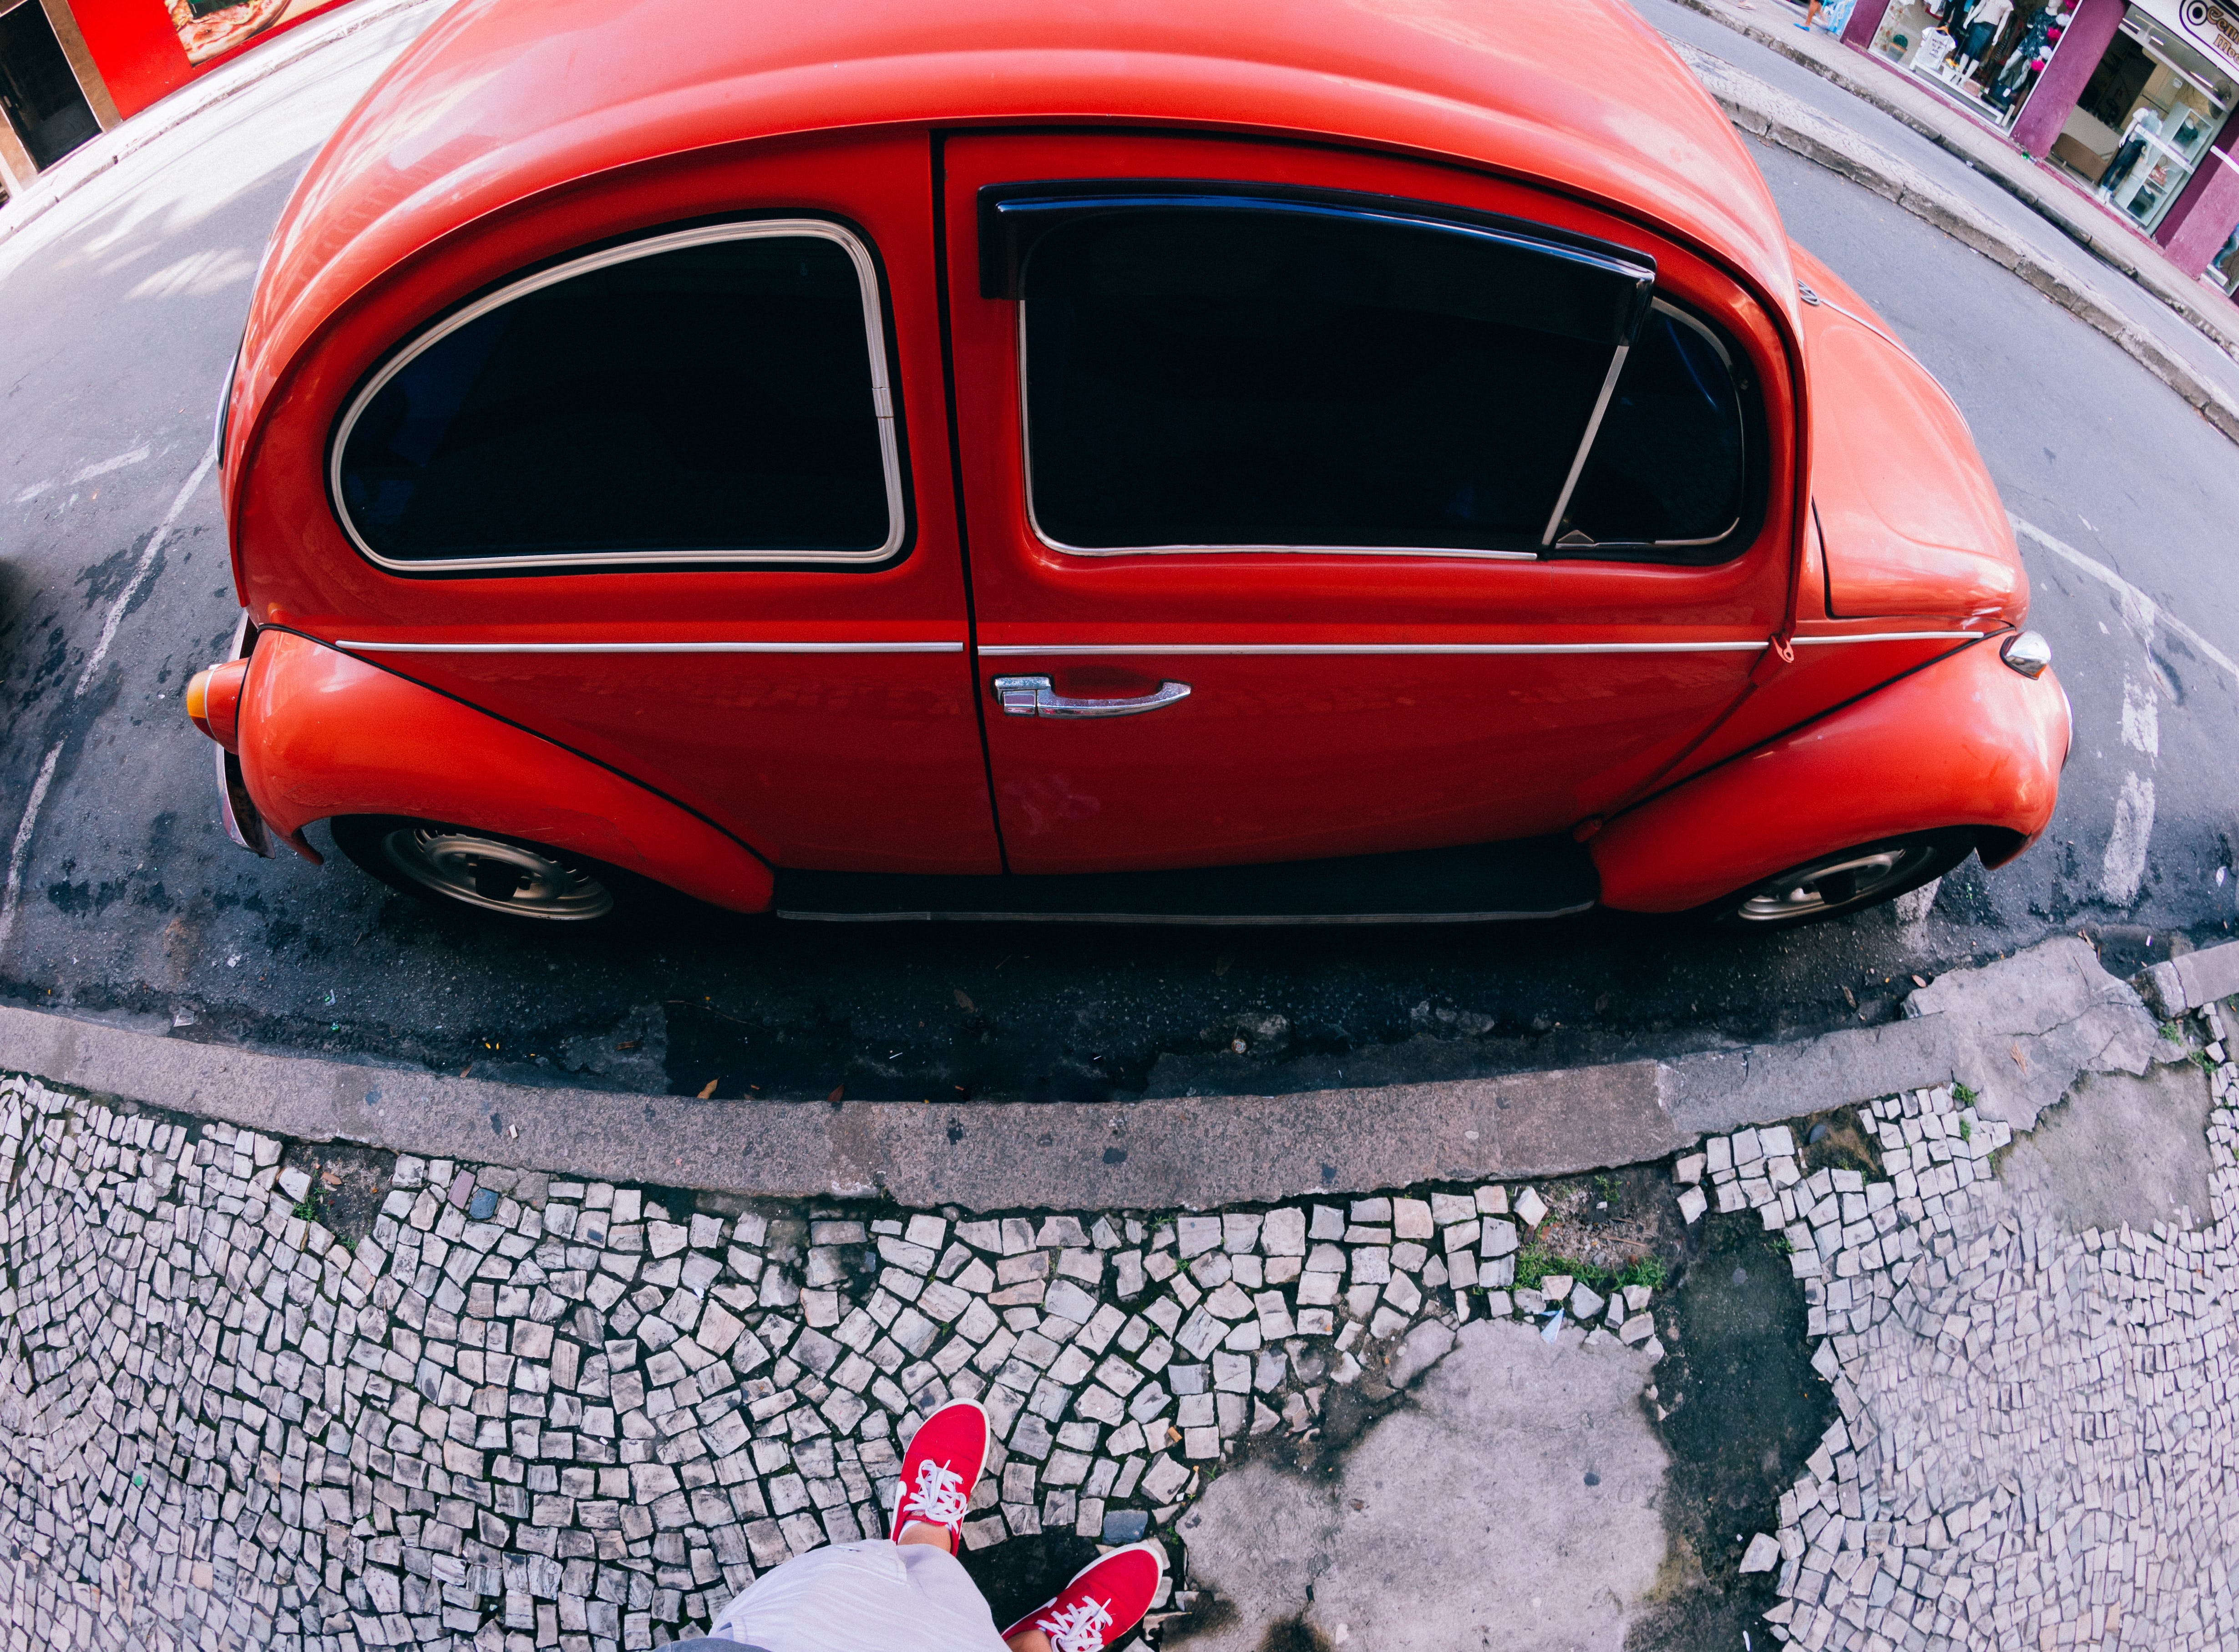 Δωρεάν στοκ φωτογραφιών με street art, αυτοκίνητο